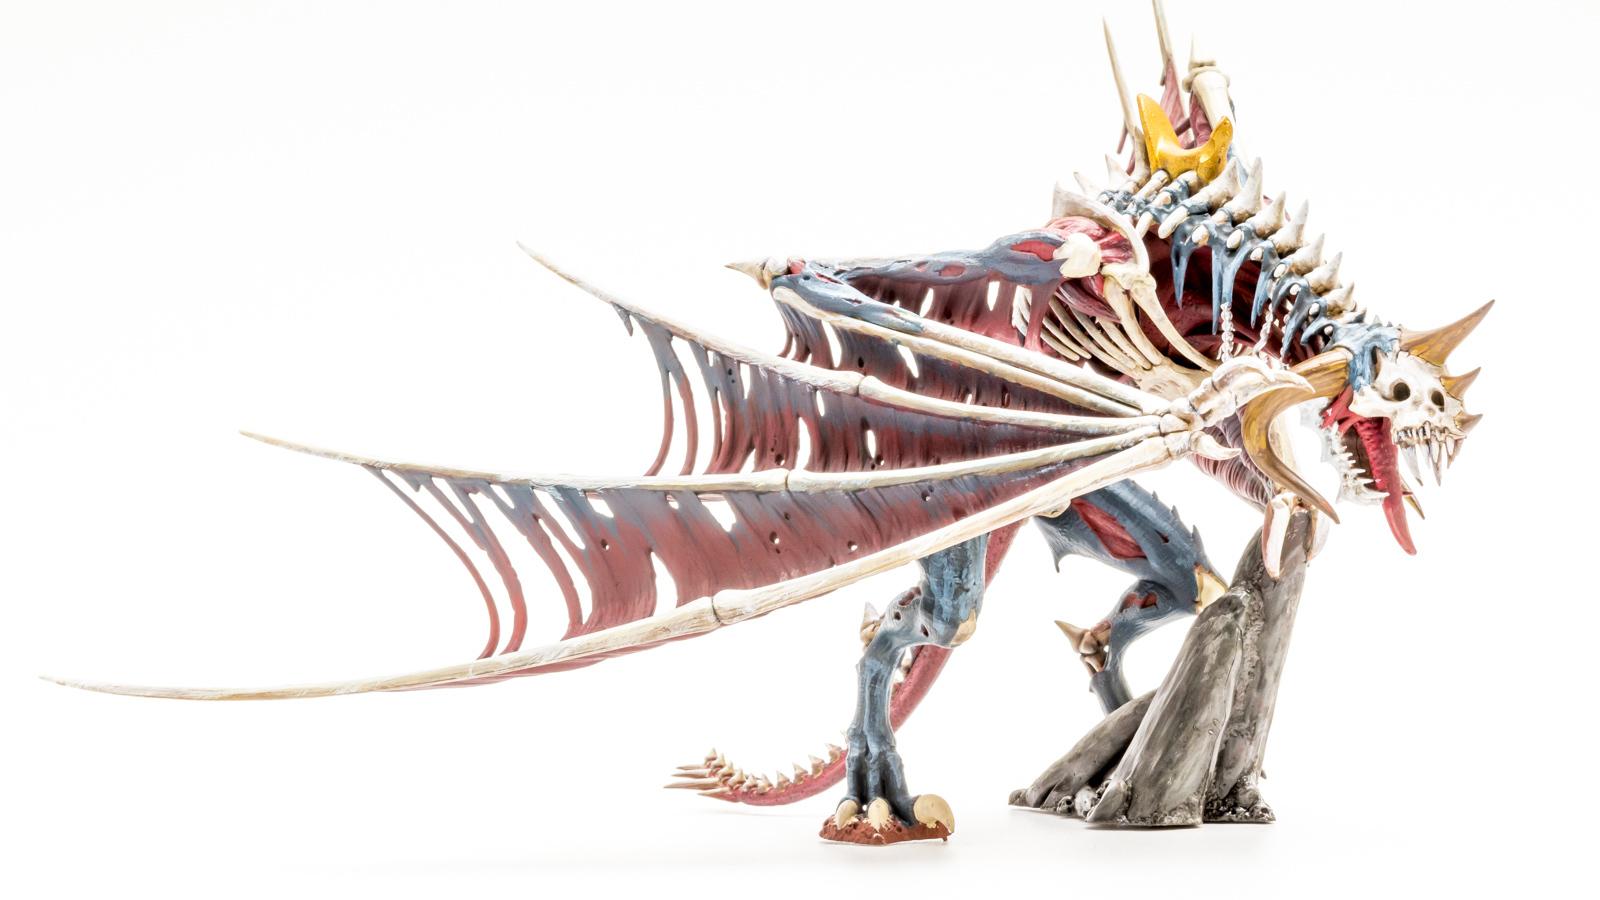 キミは腐ったドラゴンのプラモデルを組んだことがあるか(後編)_b0029315_13411207.jpg